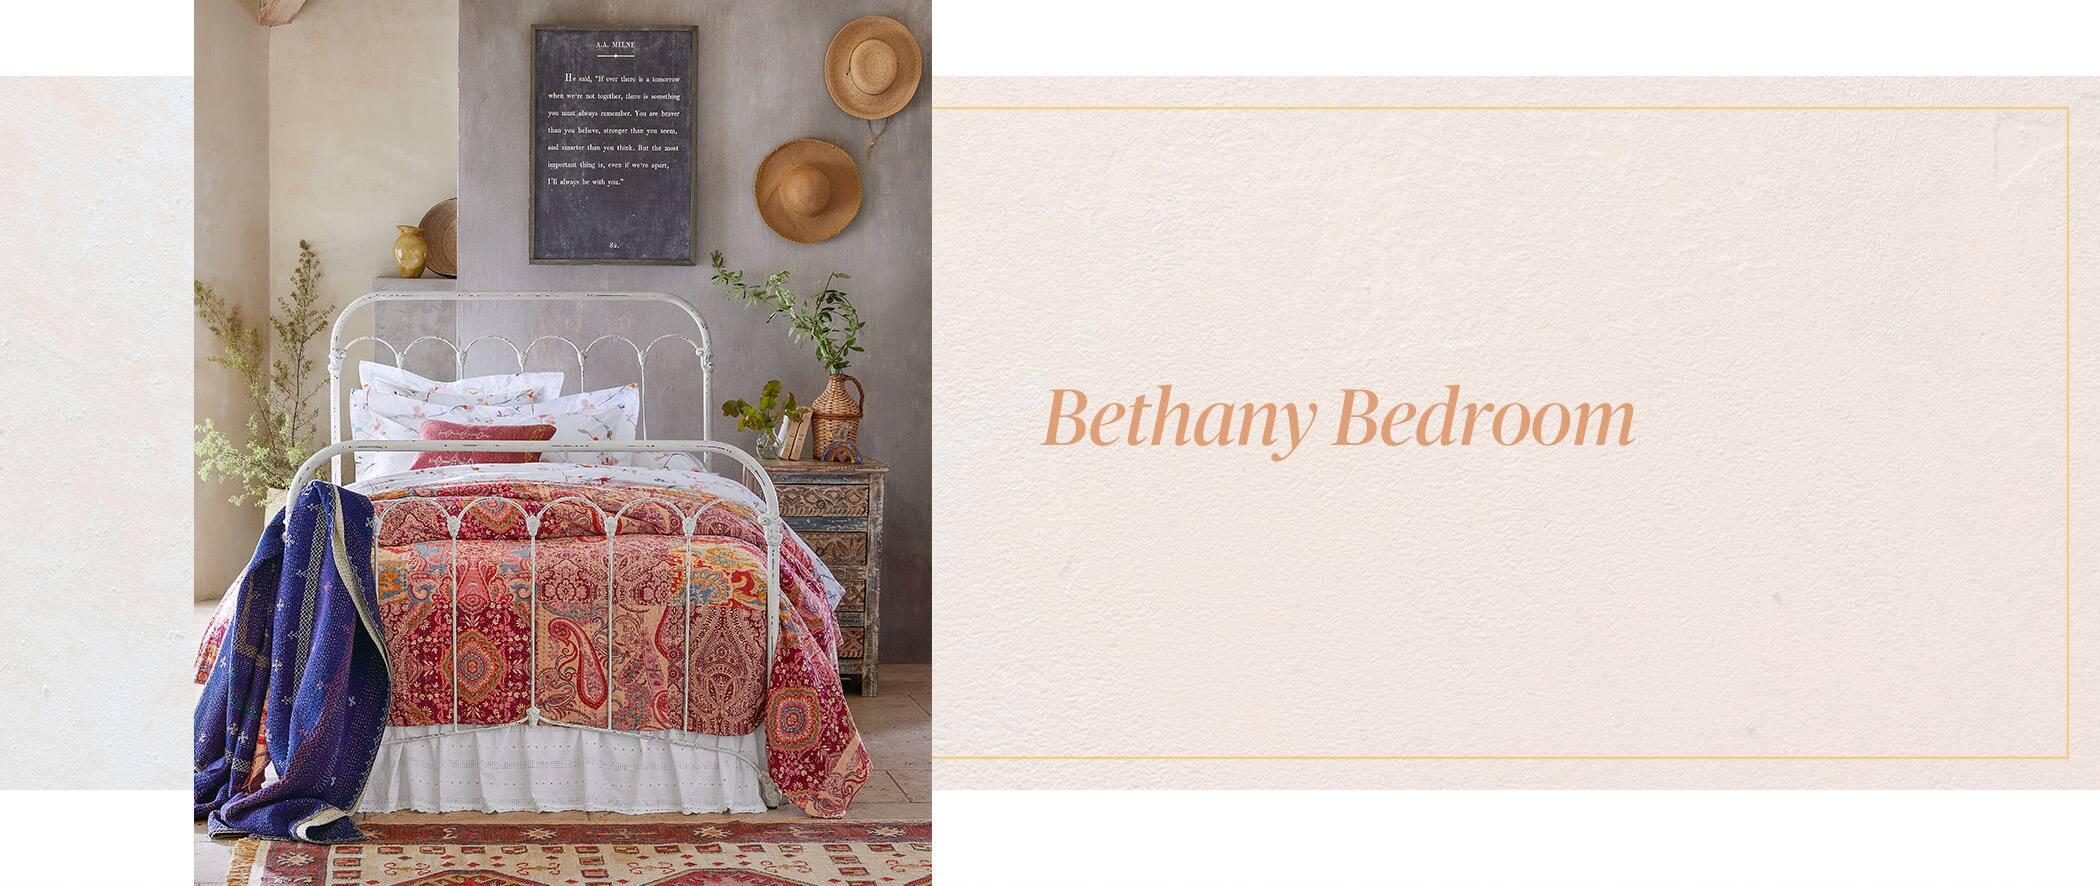 Bethany Bedroom